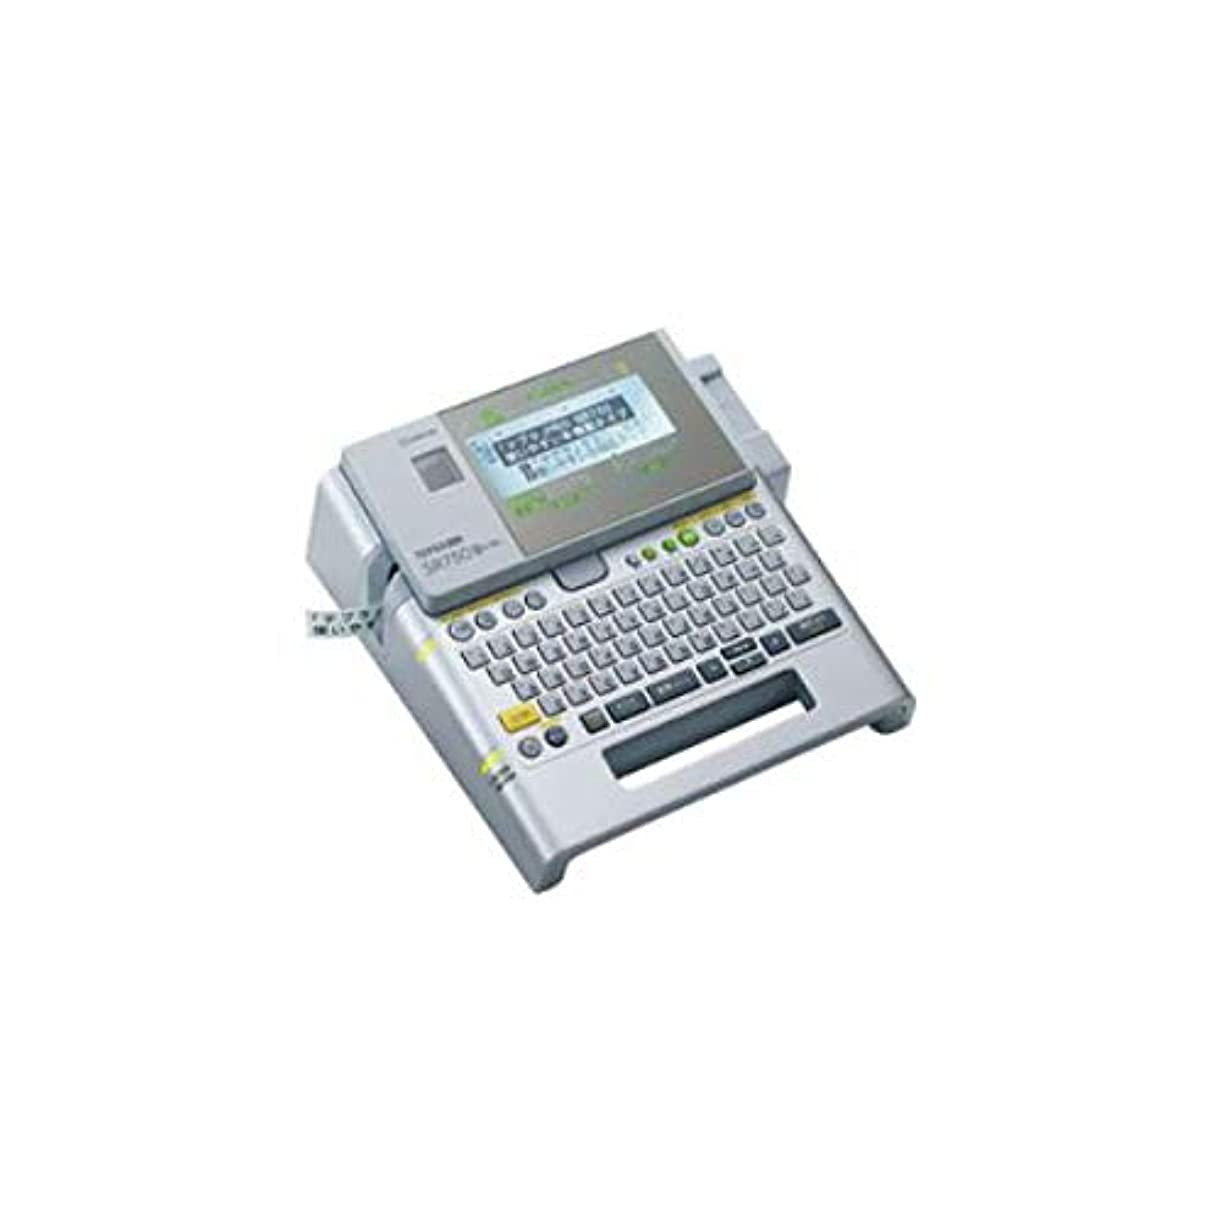 マチュピチュフォアタイプリマキングジム ラベルライター テプラPRO SR750 ds-2106109